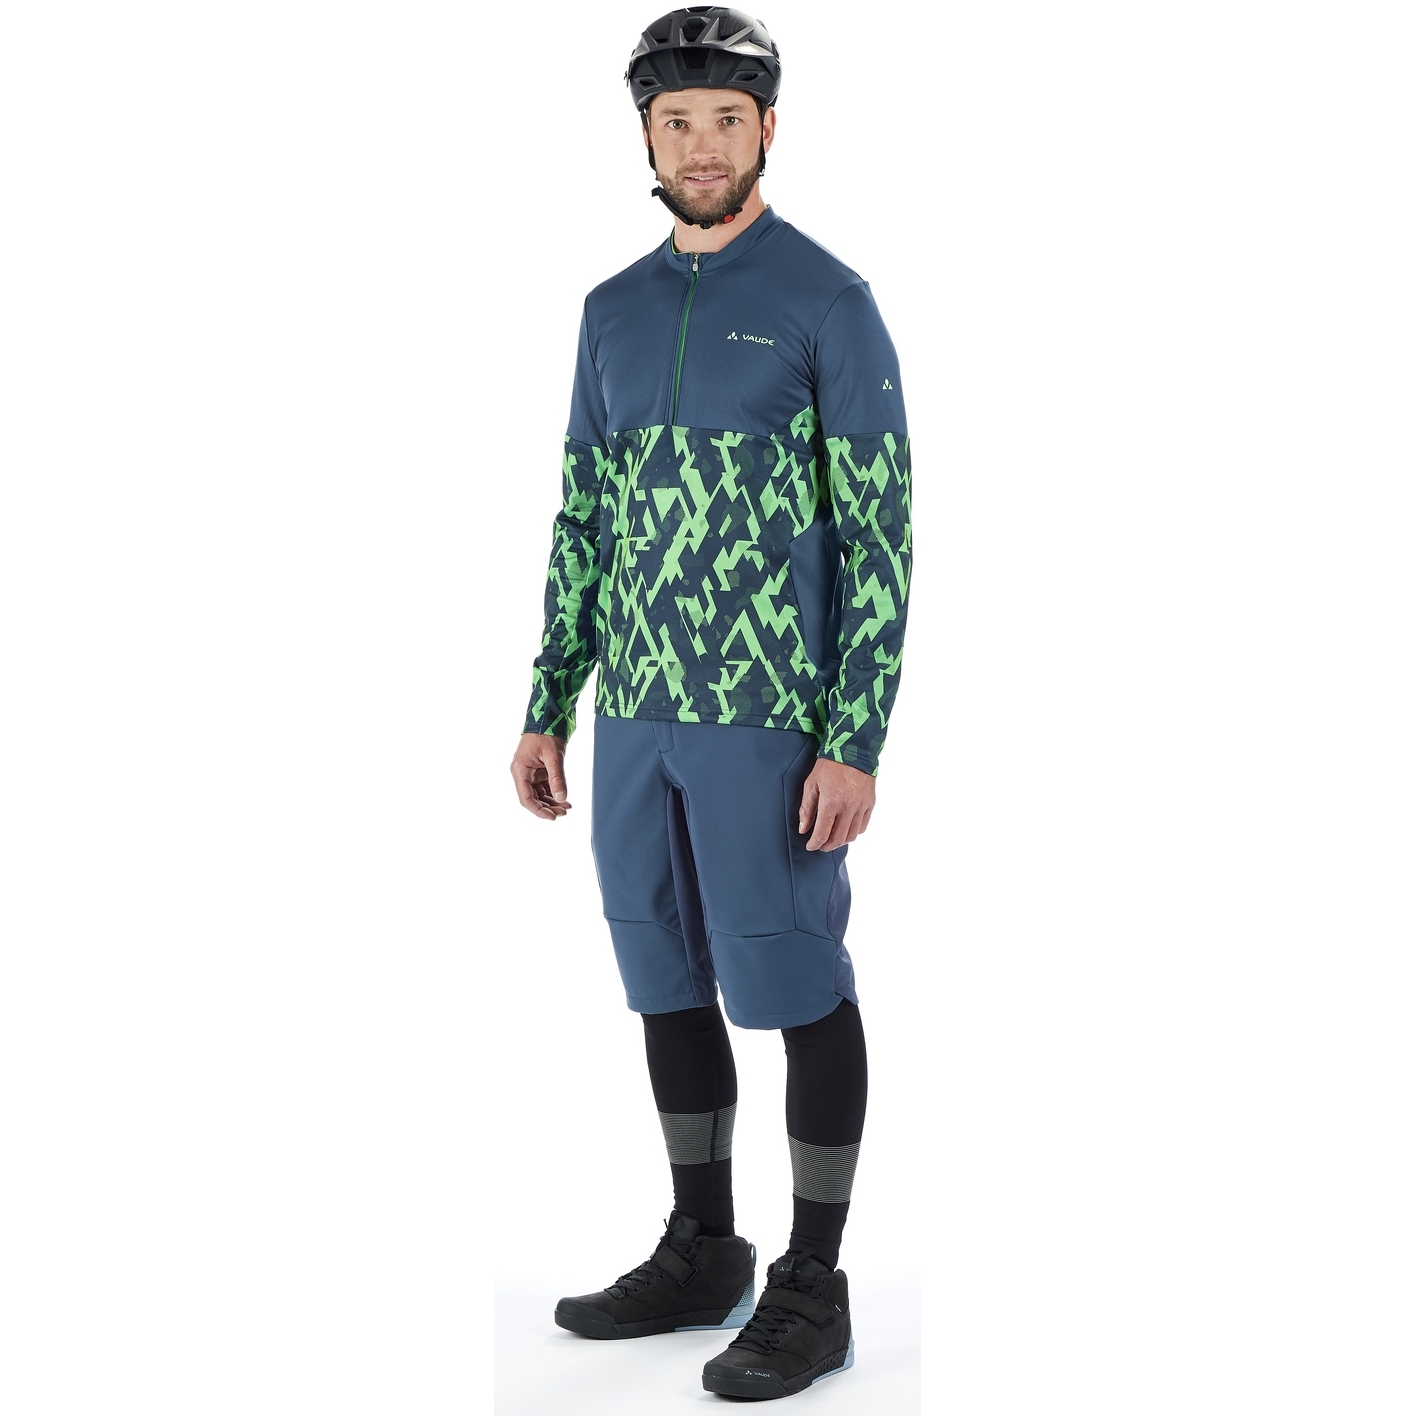 Image of Vaude Men's Virt QZip LS T-Shirt - dusty forest